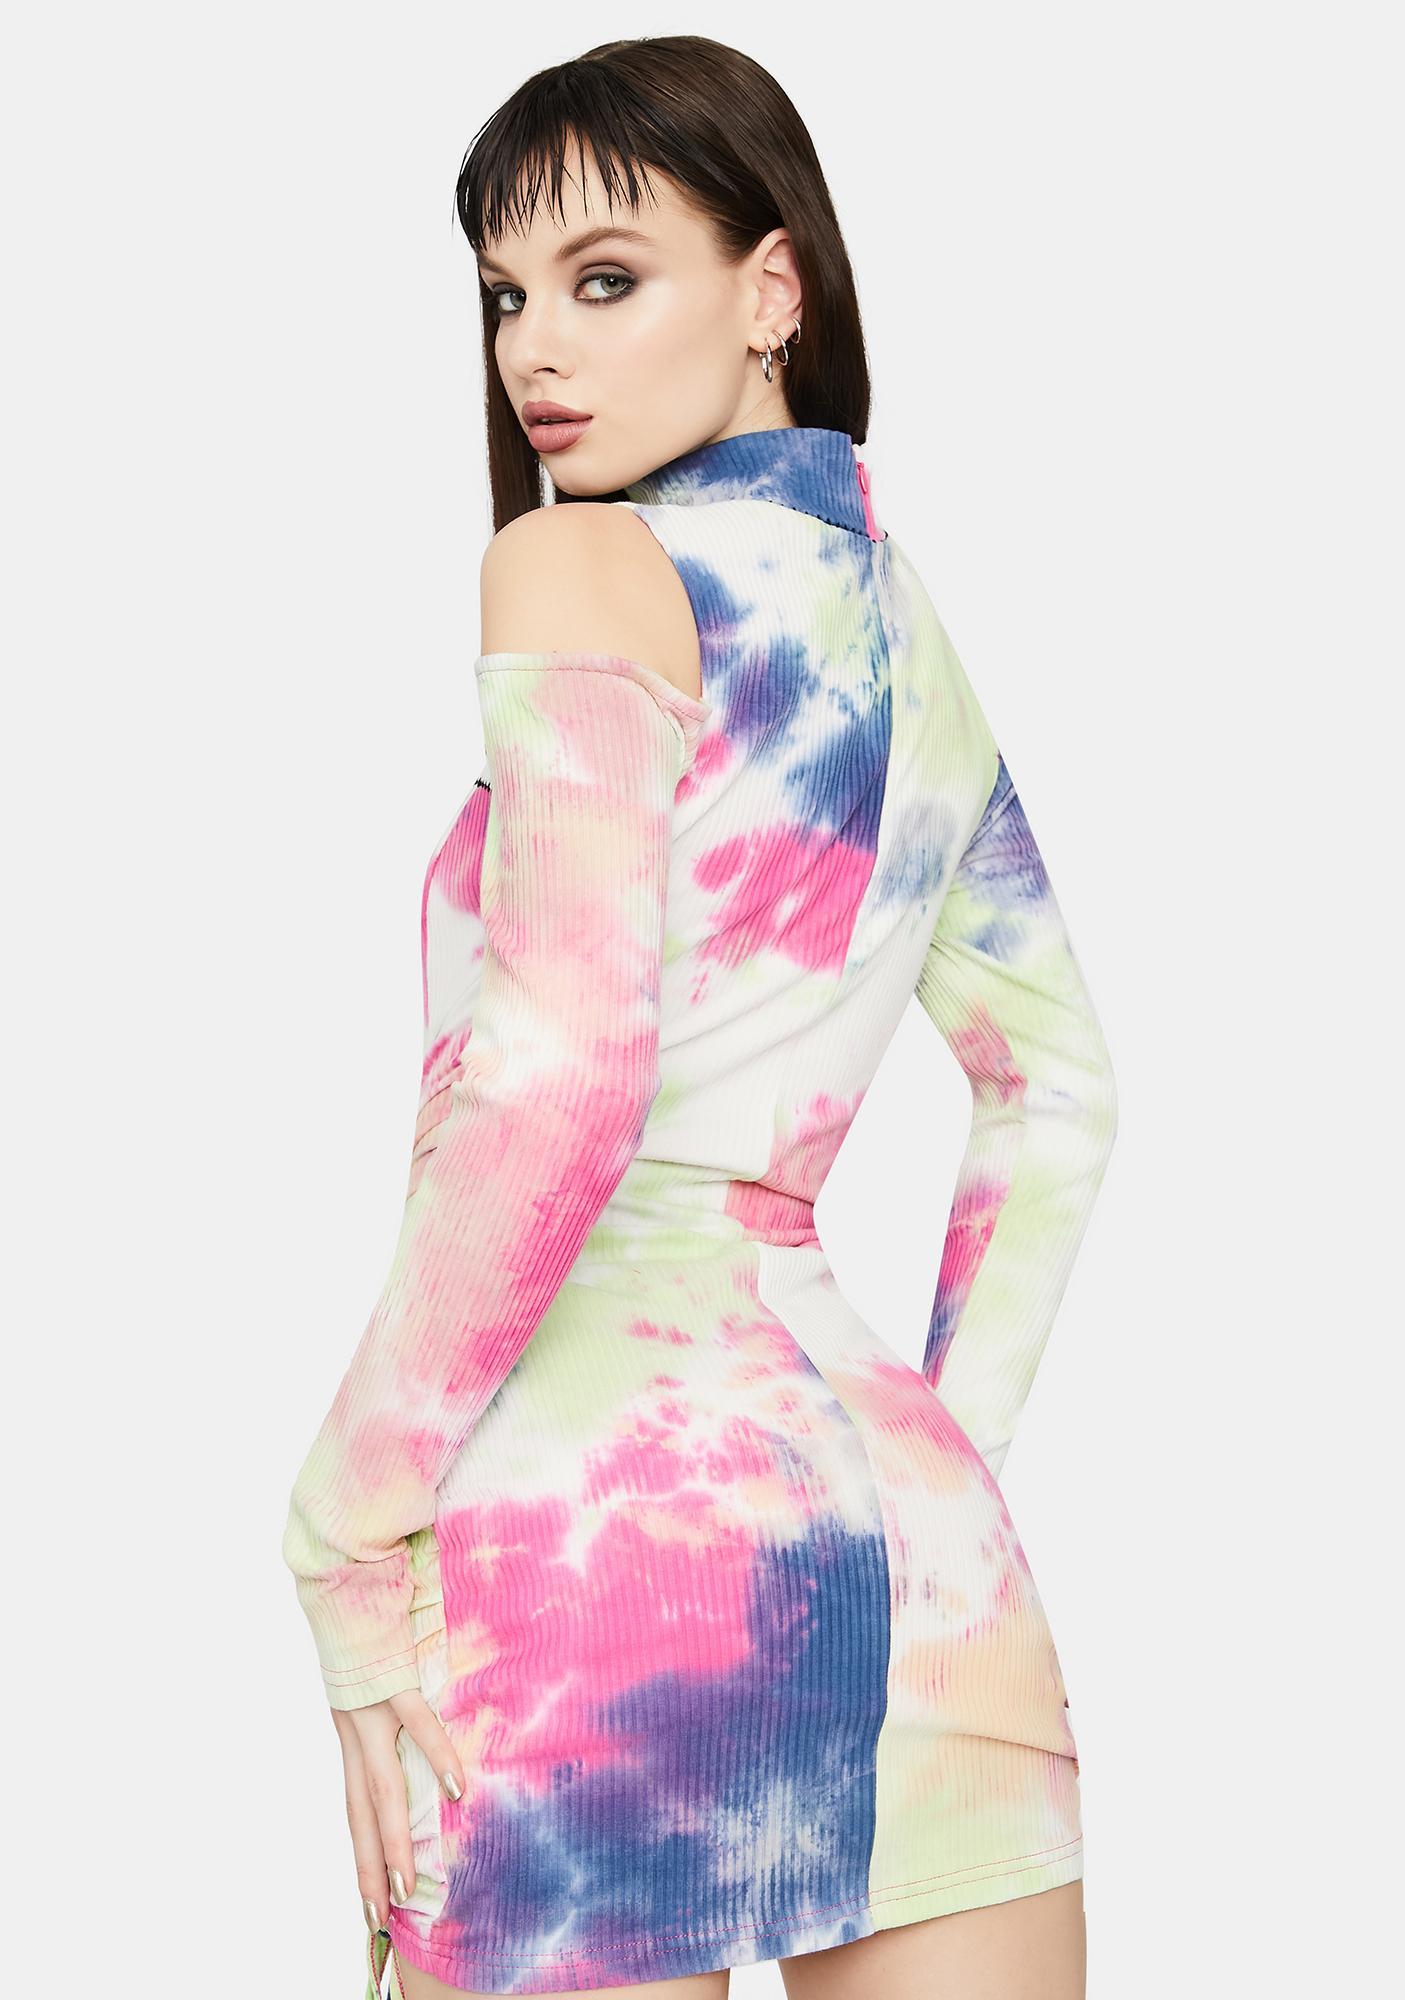 Blush Forgiven Misfit Tie Dye Mini Dress